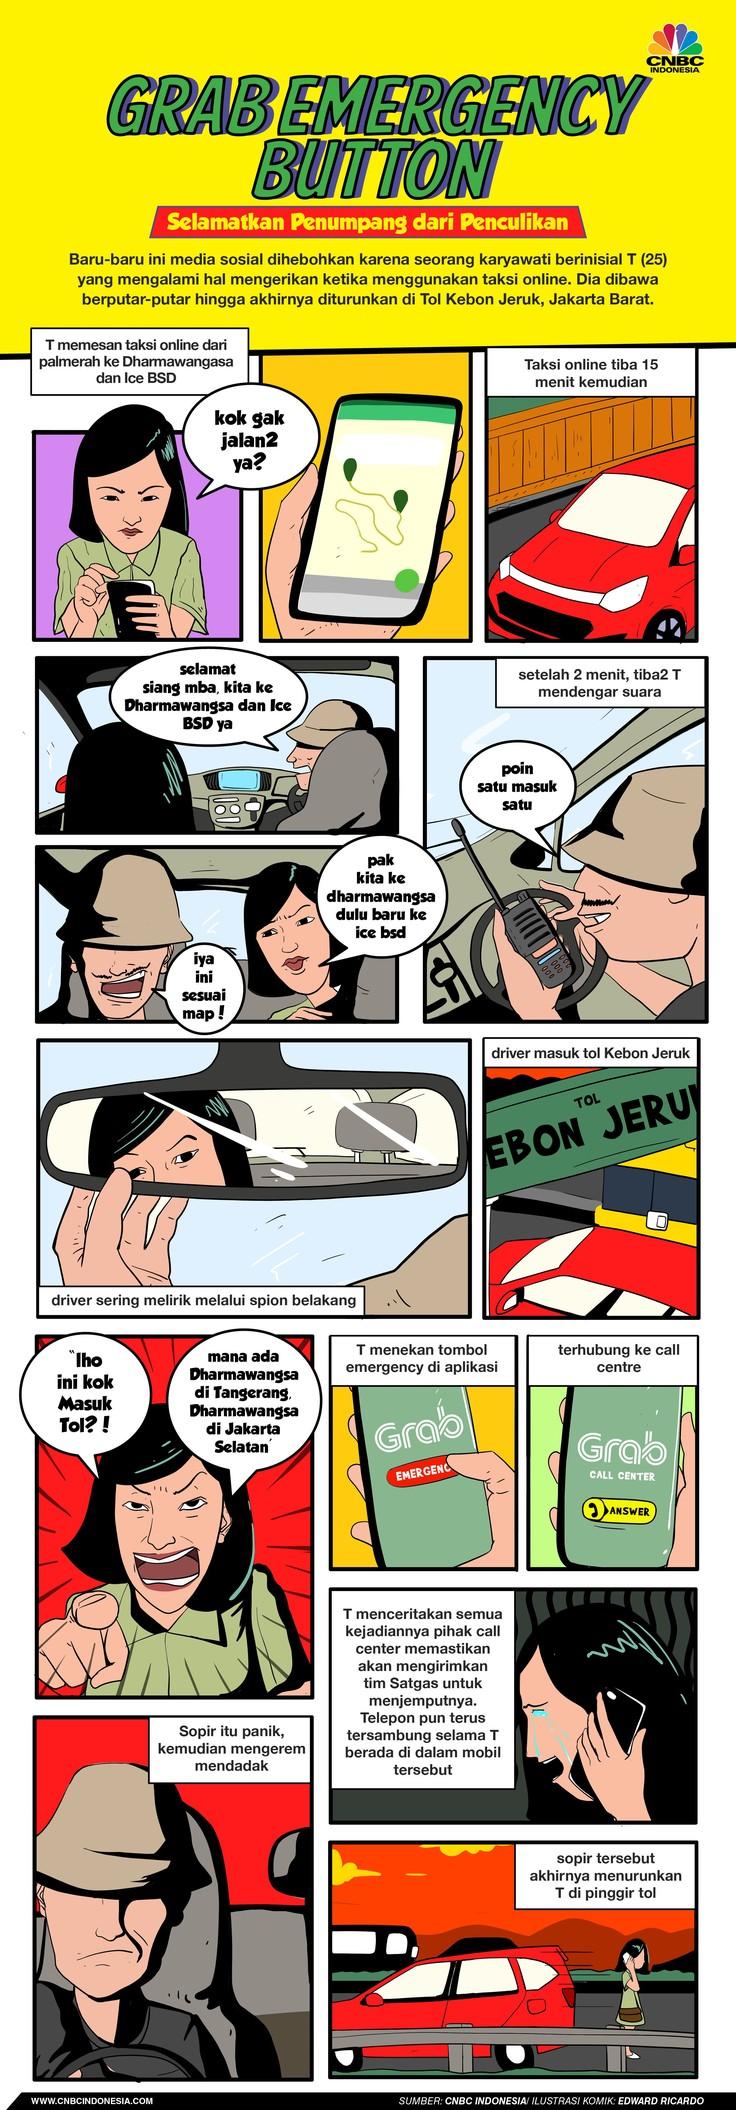 Dia dibawa berputar-putar hingga akhirnya diturunkan di Tol Kebon Jeruk, Jakarta Barat.